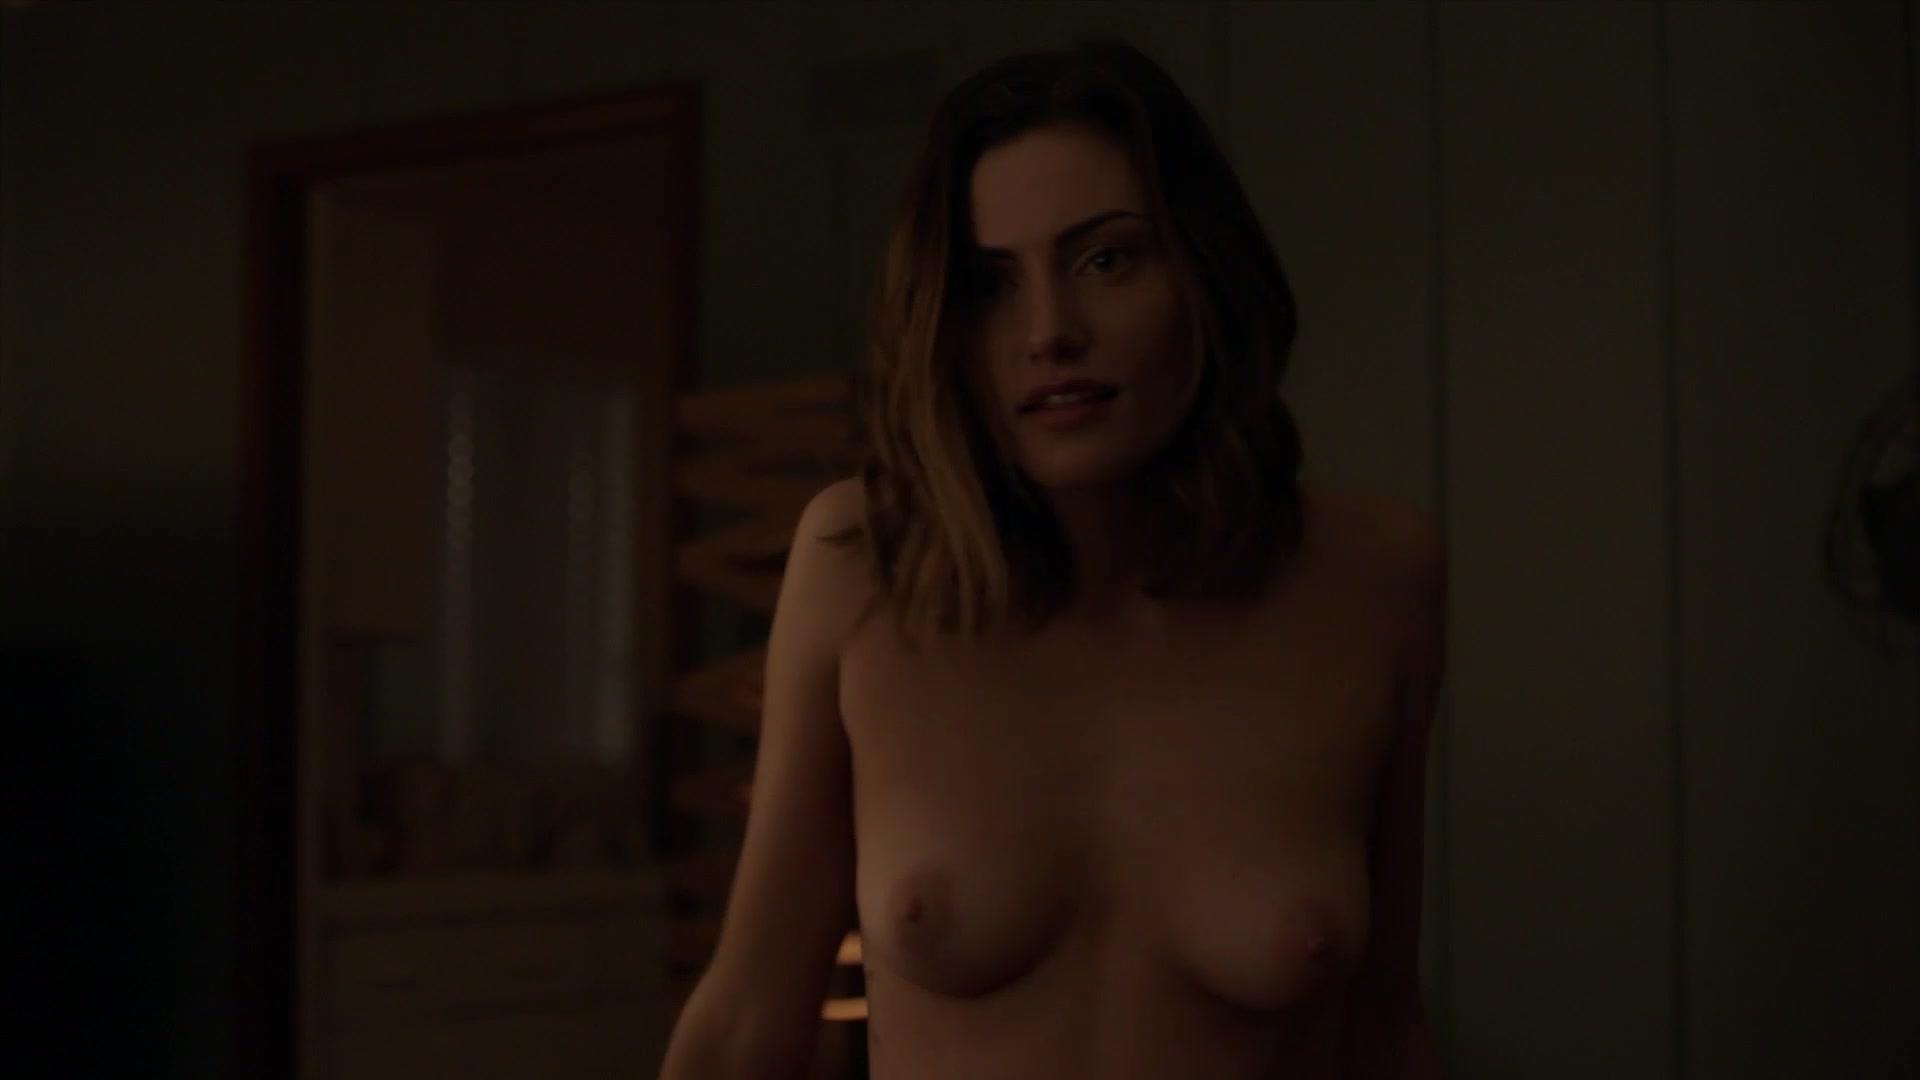 Phoebe Tonkin nude - The Affair S04E05 (2018)